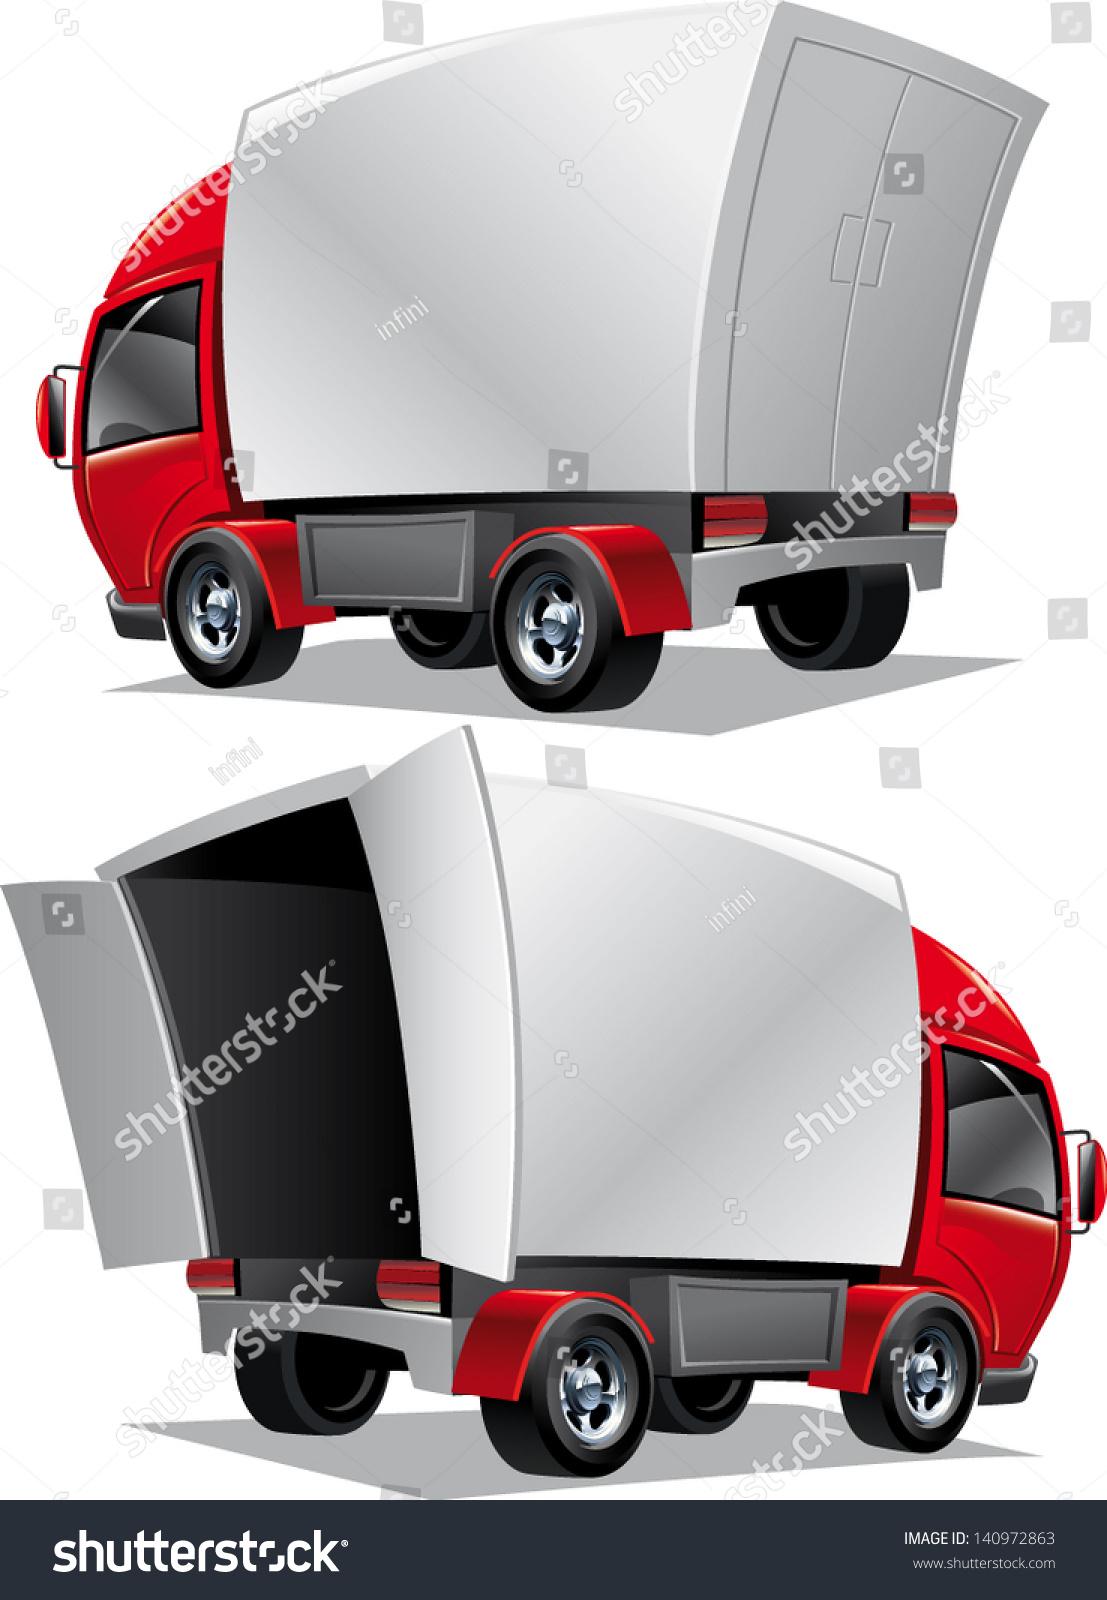 Vector Cartoon Delivery Cargo Open Truck - 140972863 ...